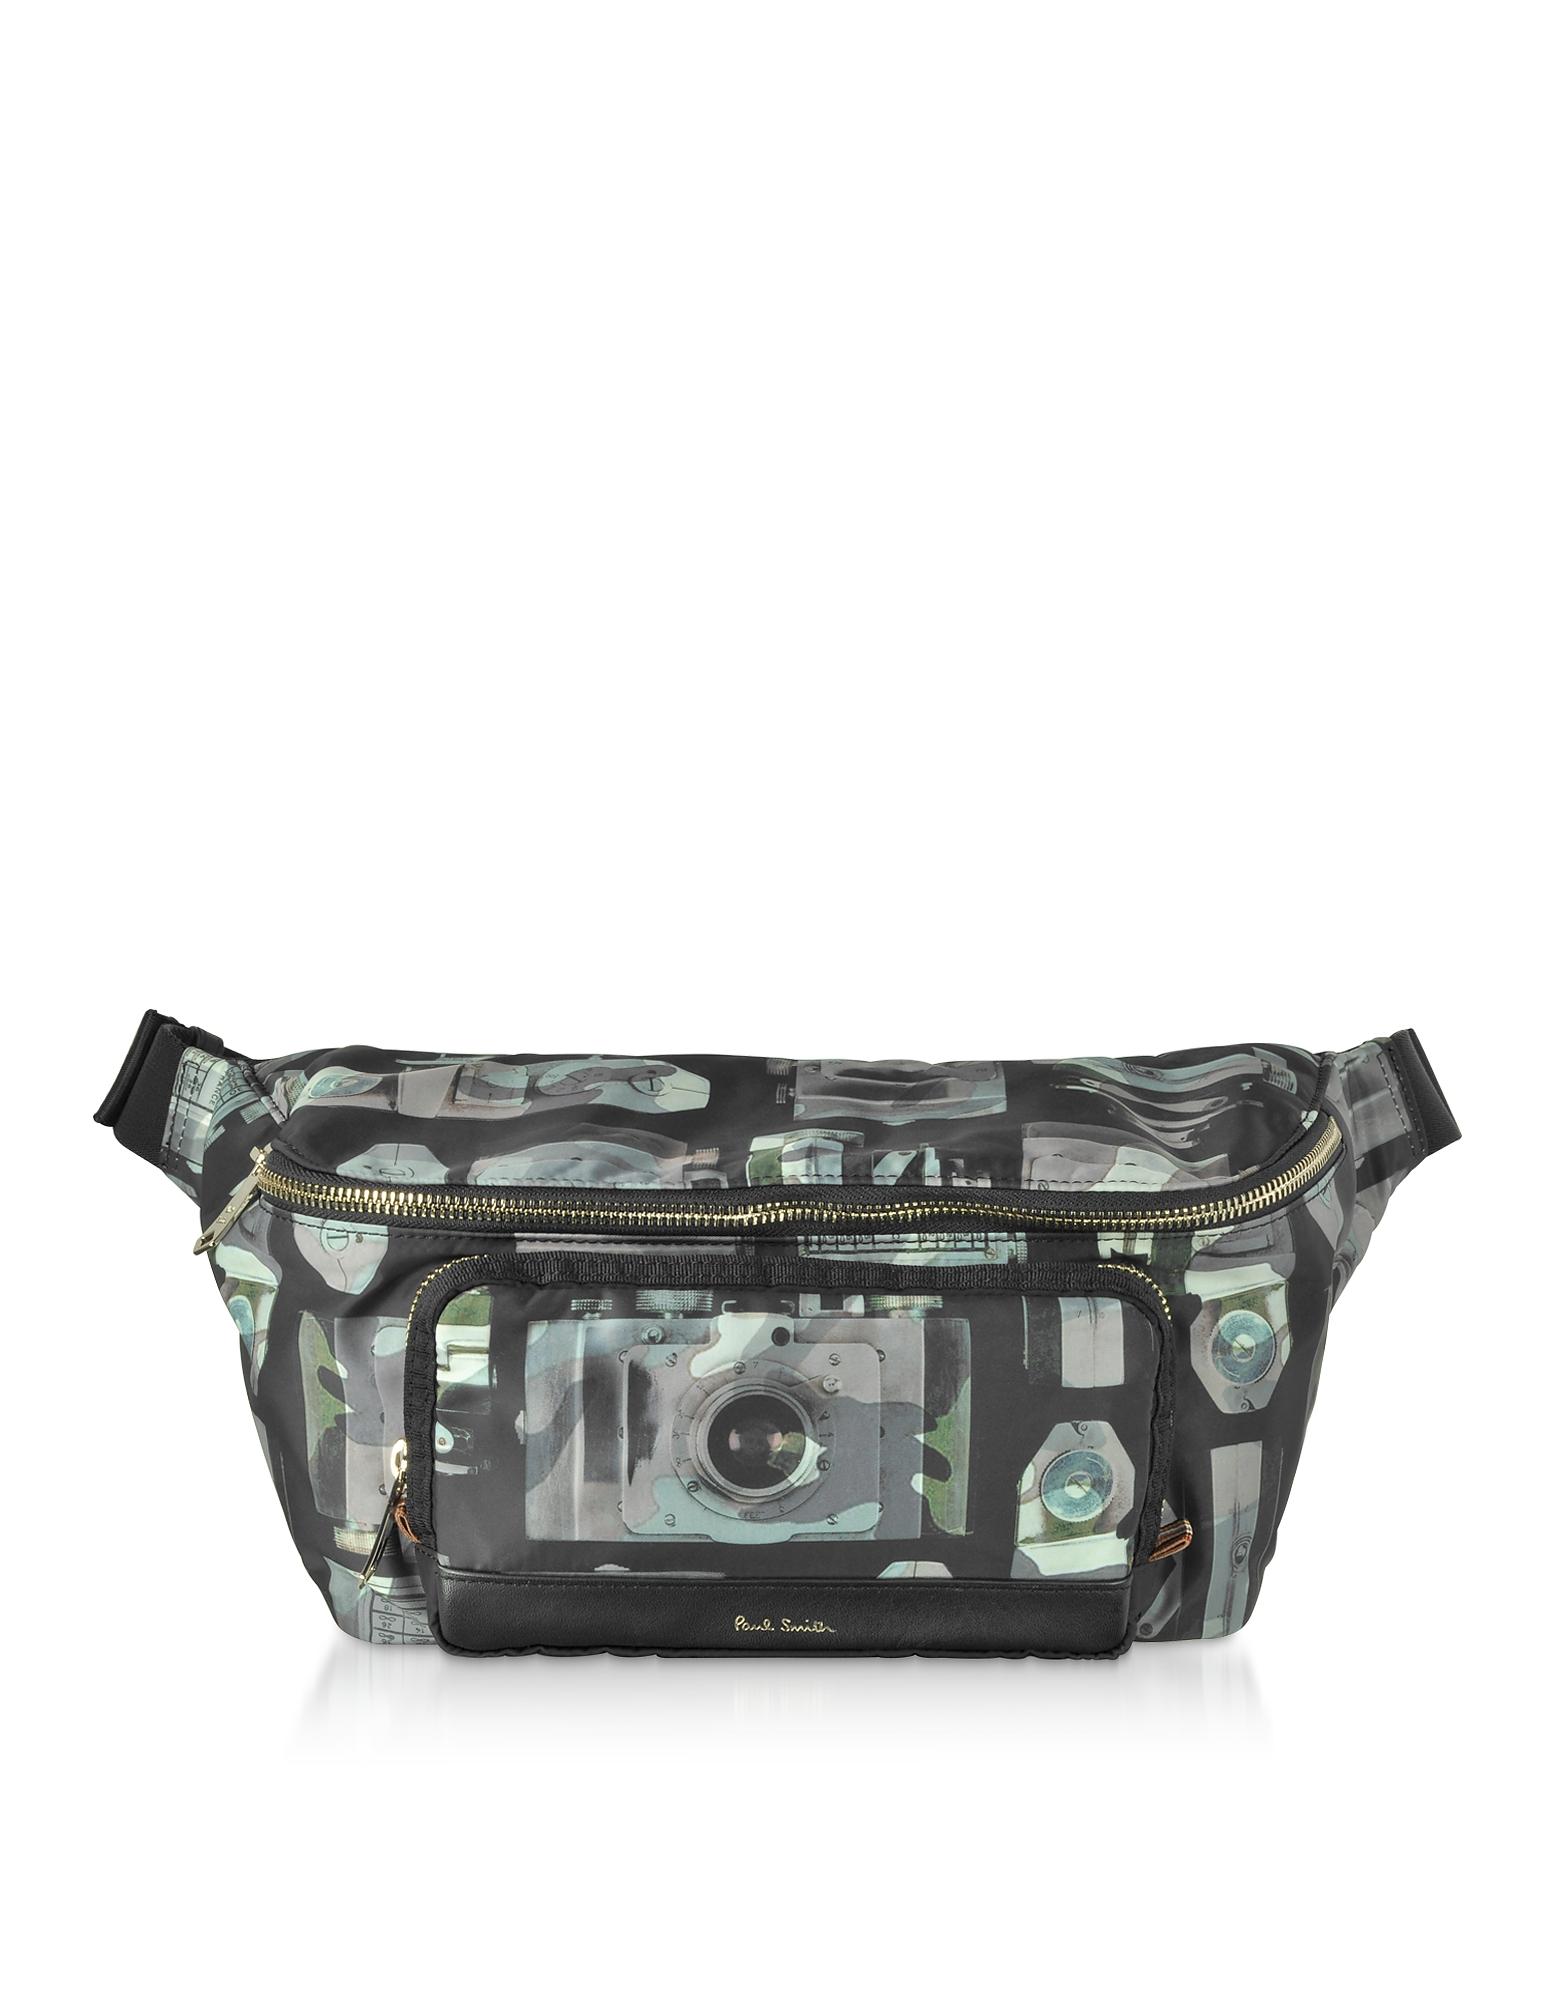 Paul's Camera Printed Canvas Men's Belt Bag